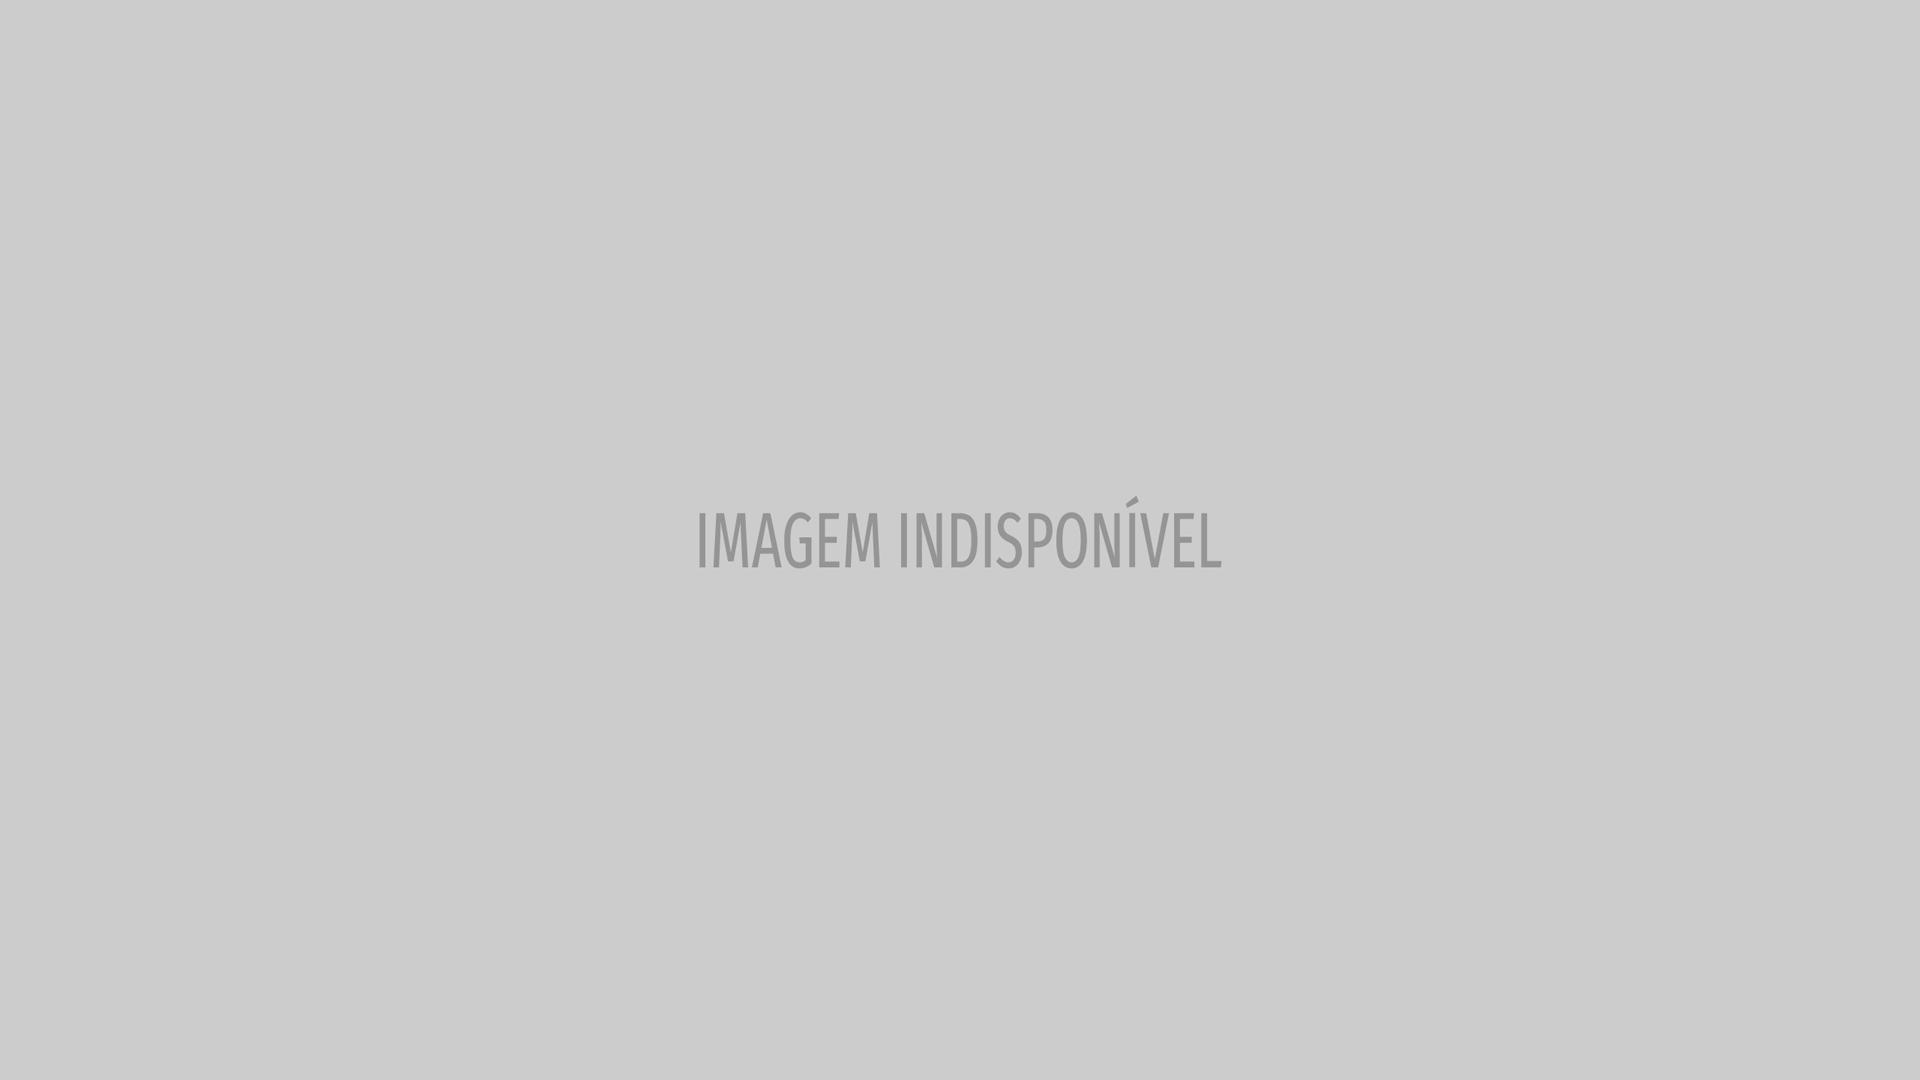 Inteligência Artificial detetou 72 misteriosos sinais vindos do Espaço